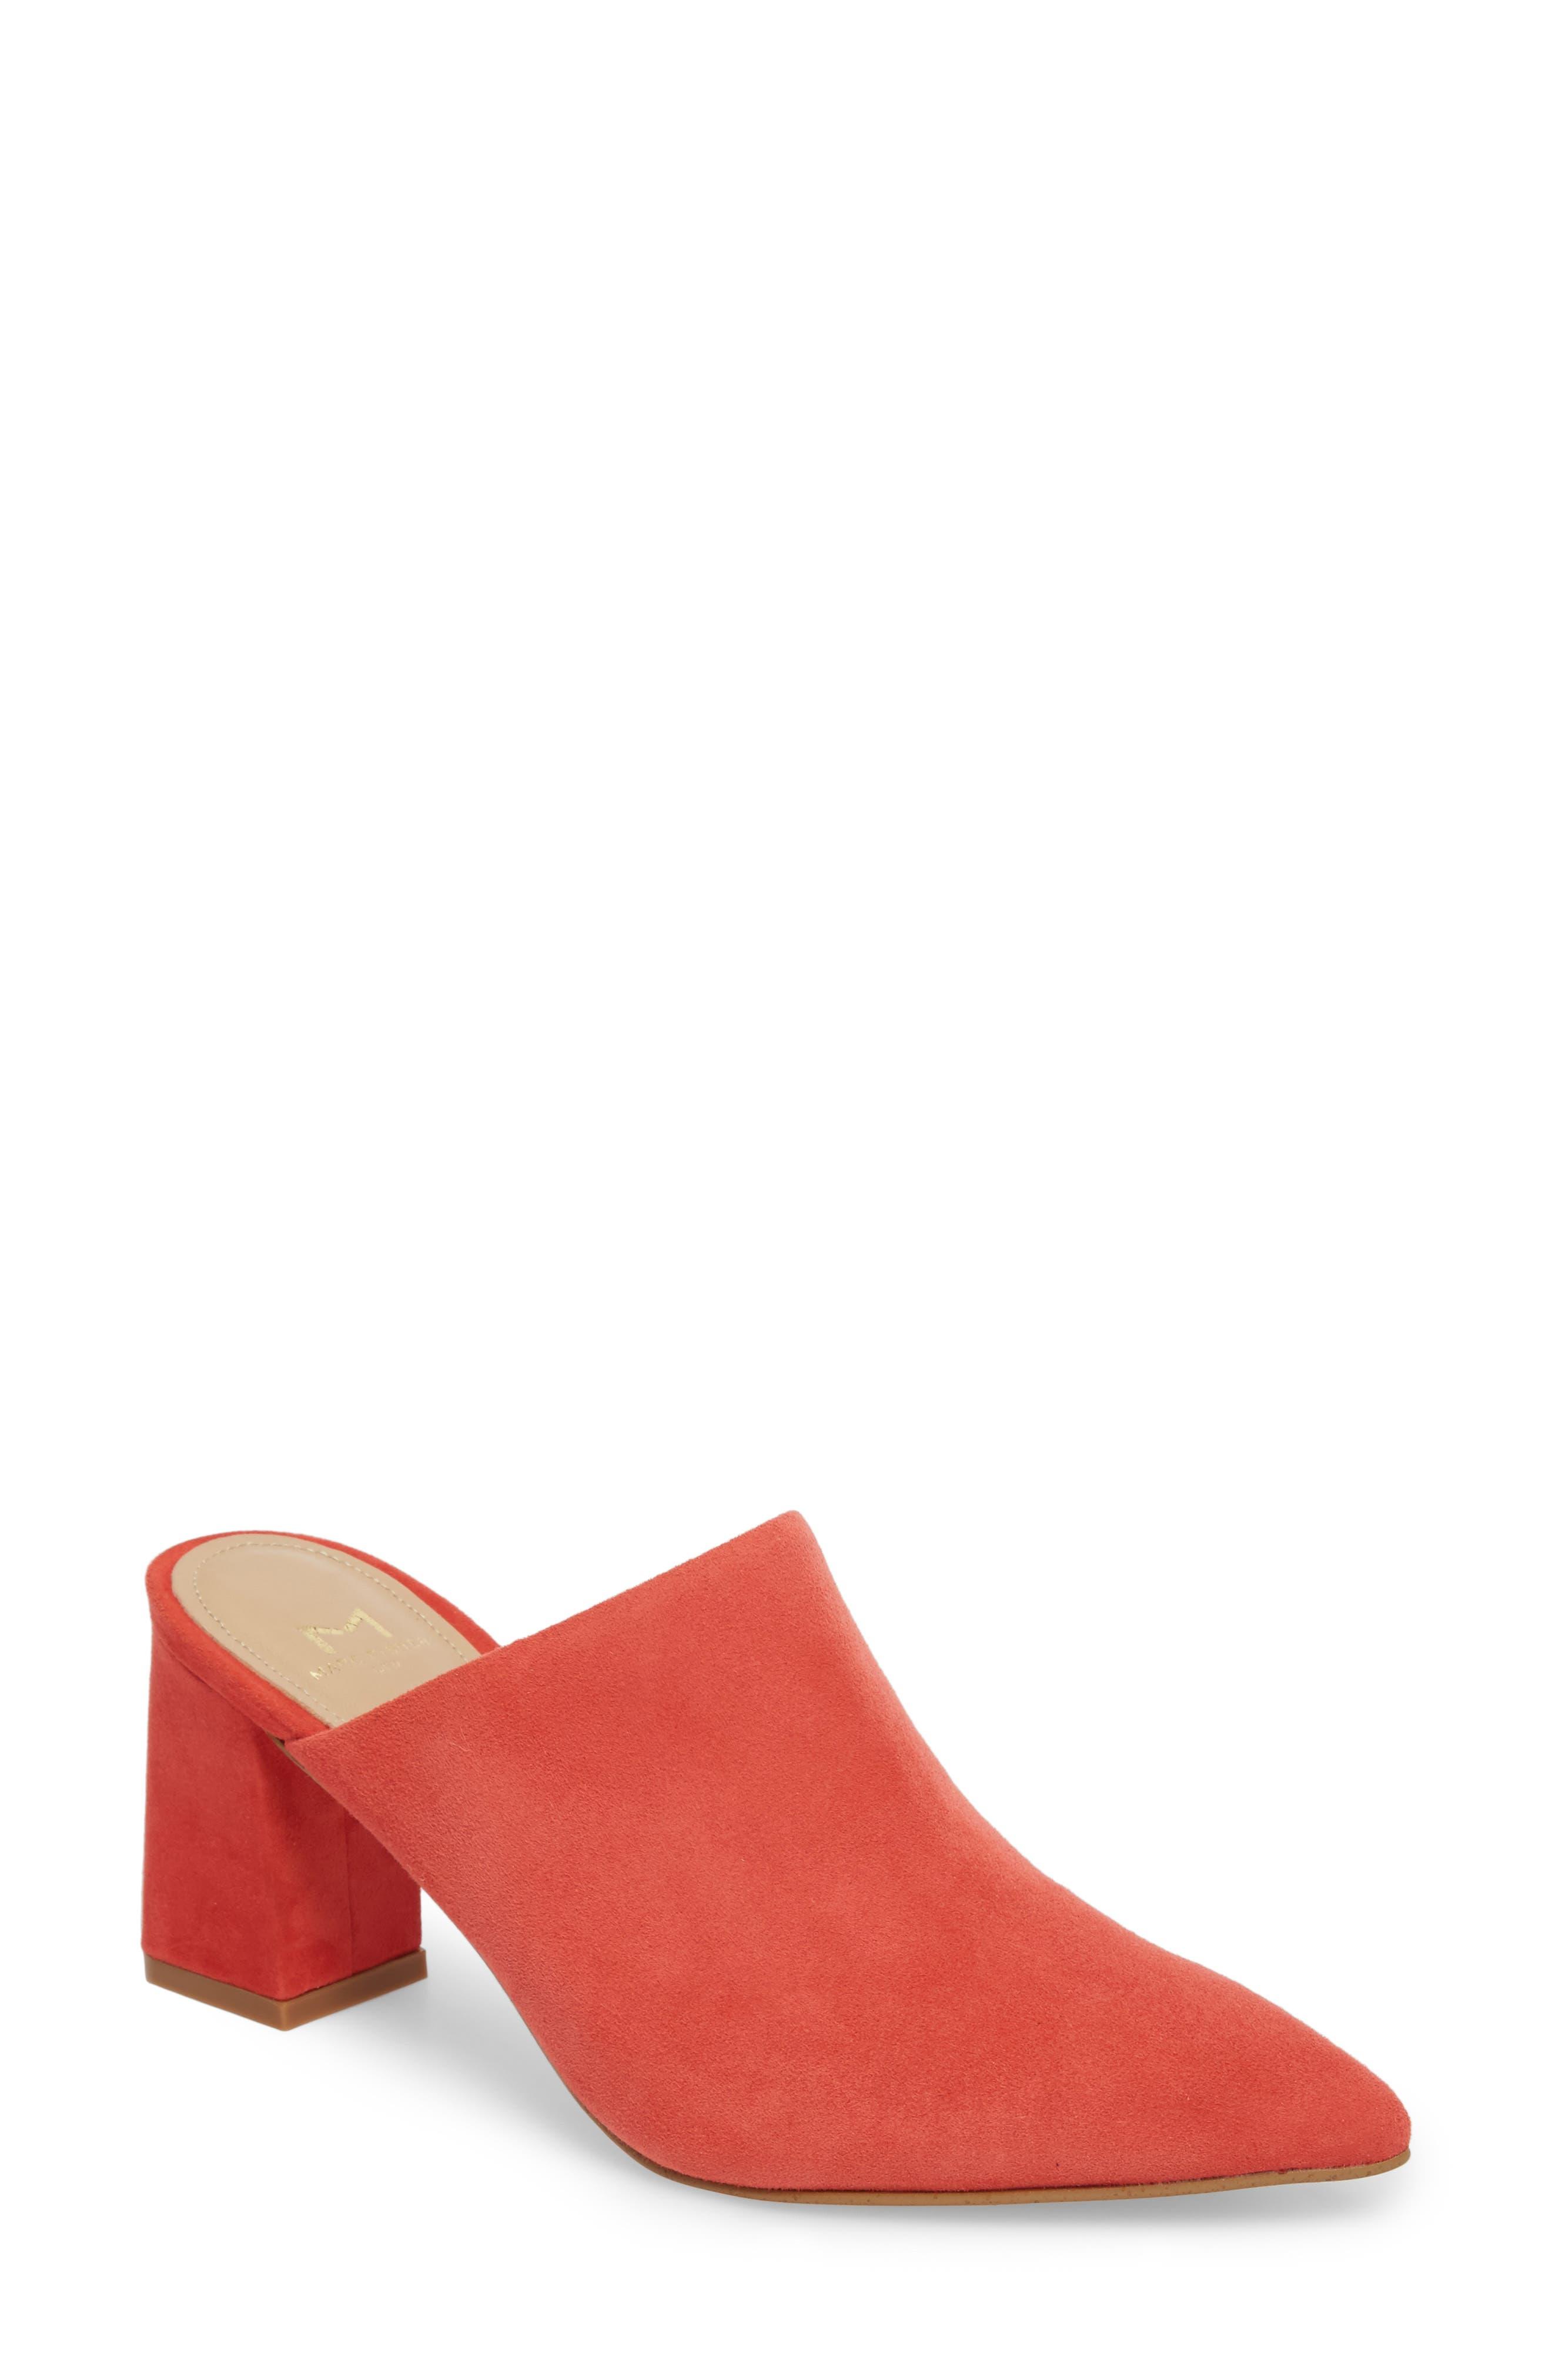 Zivon Pointy Toe Mule,                         Main,                         color, Orange Suede